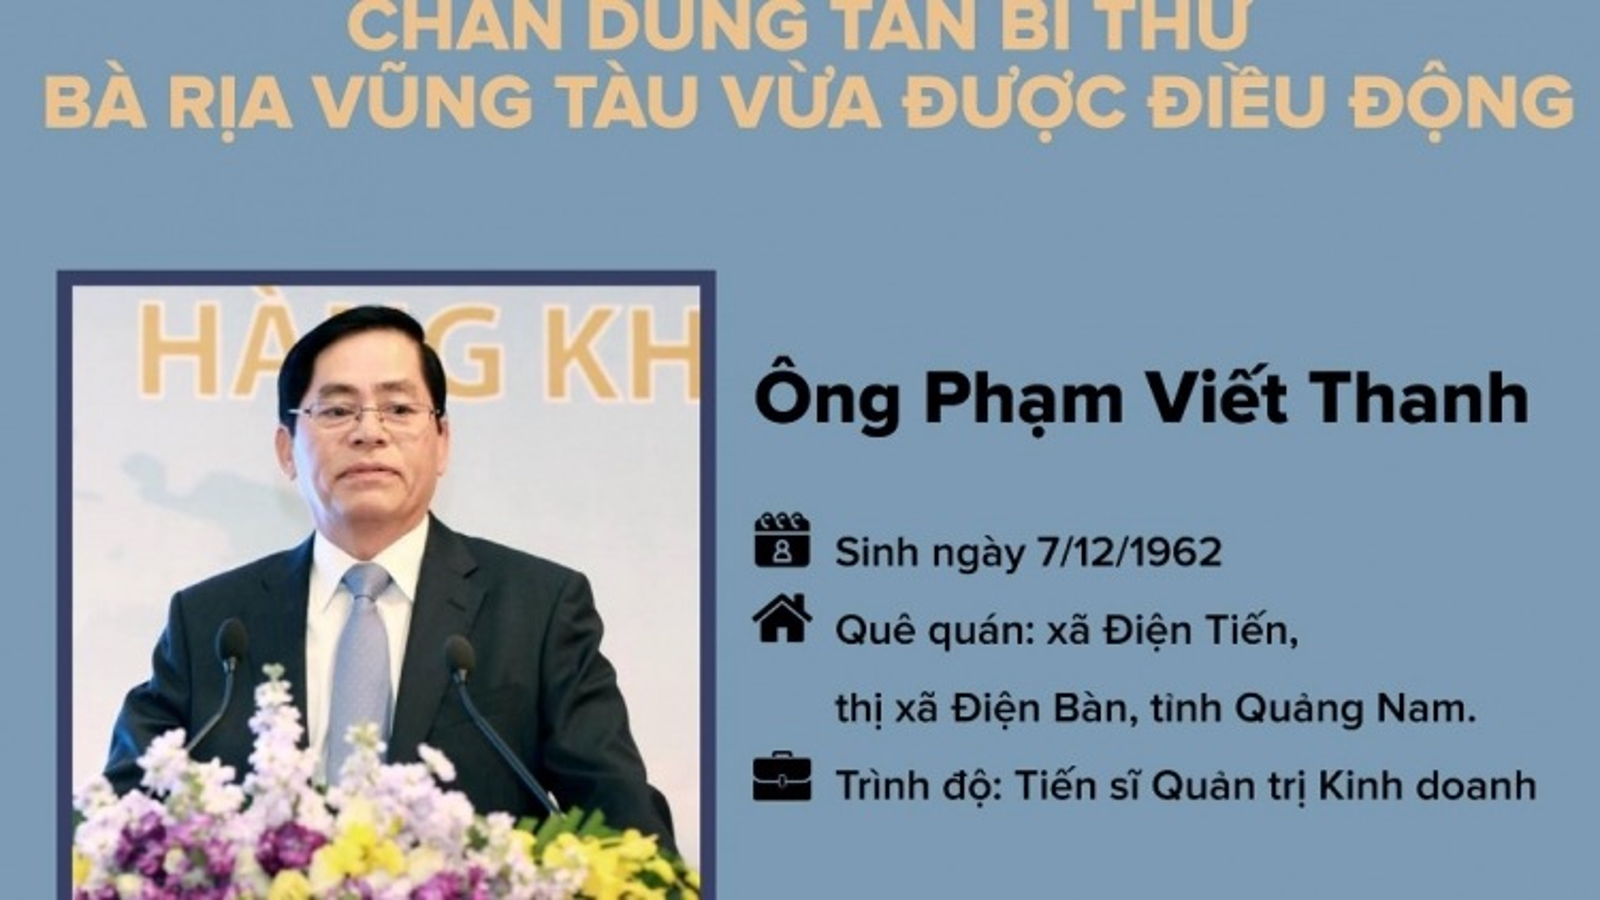 Infographics: Chân dung ông Phạm Viết Thanh, tân Bí thư Bà Rịa - Vũng Tàu